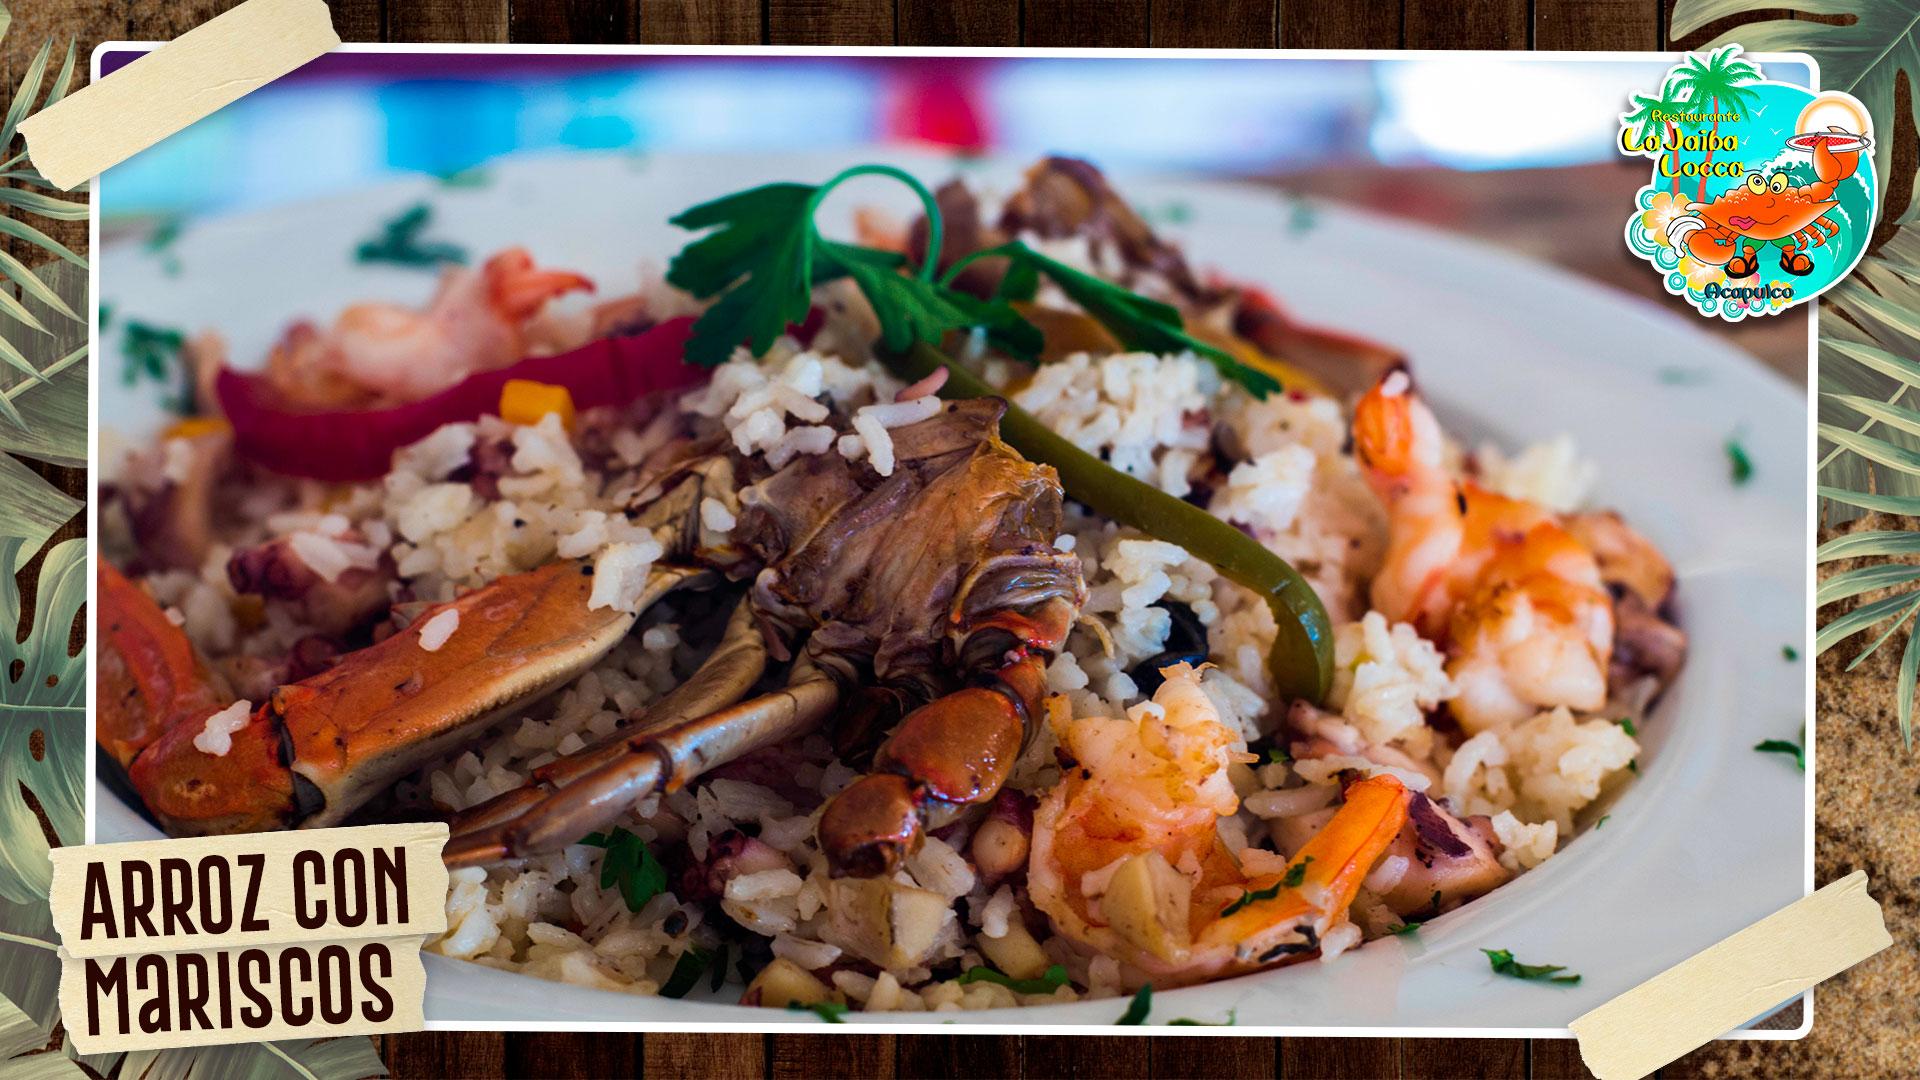 https://0201.nccdn.net/1_2/000/000/0f8/338/30.-arroz-con-mariscos.jpg